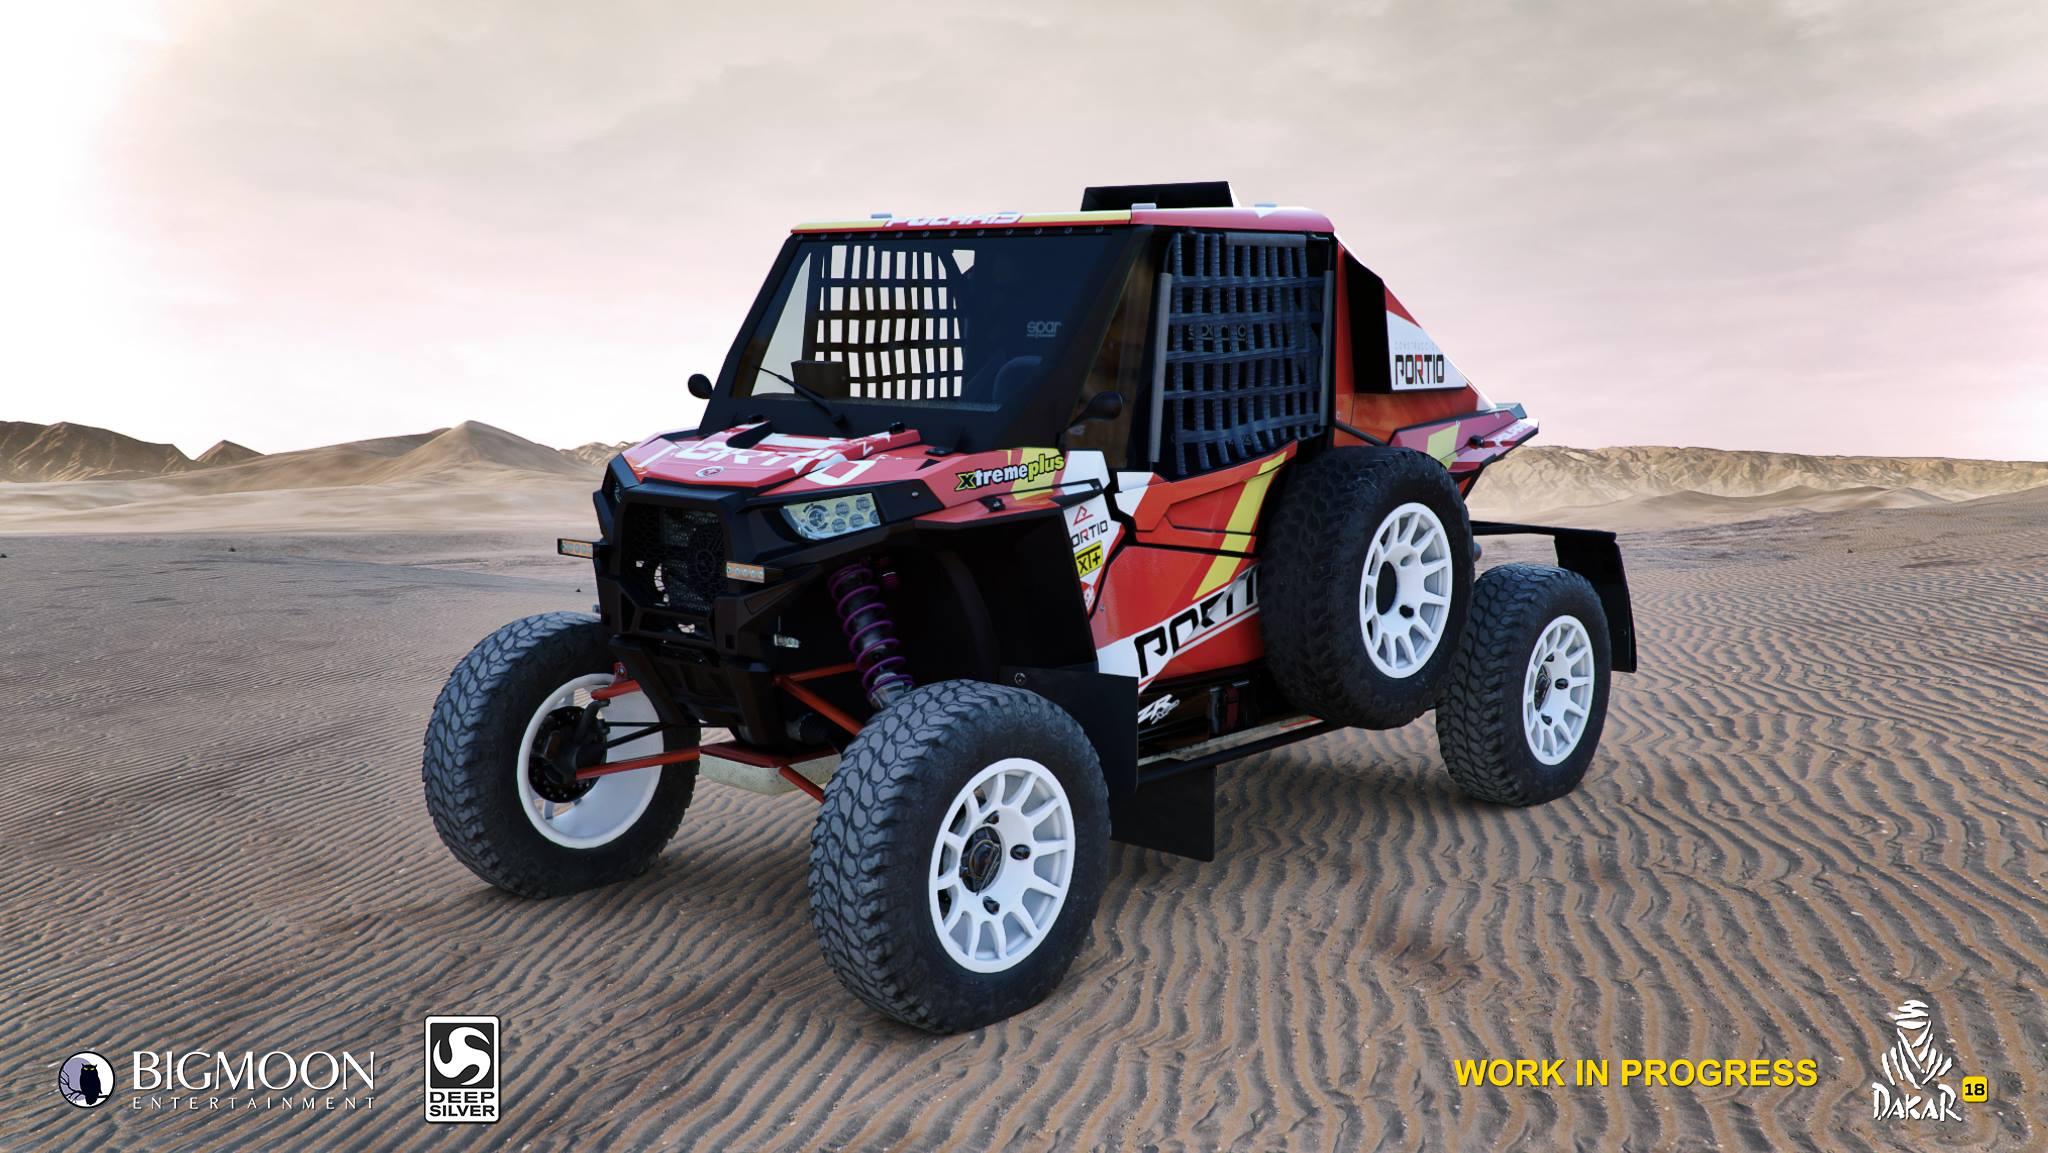 Dakar 18 article.jpg